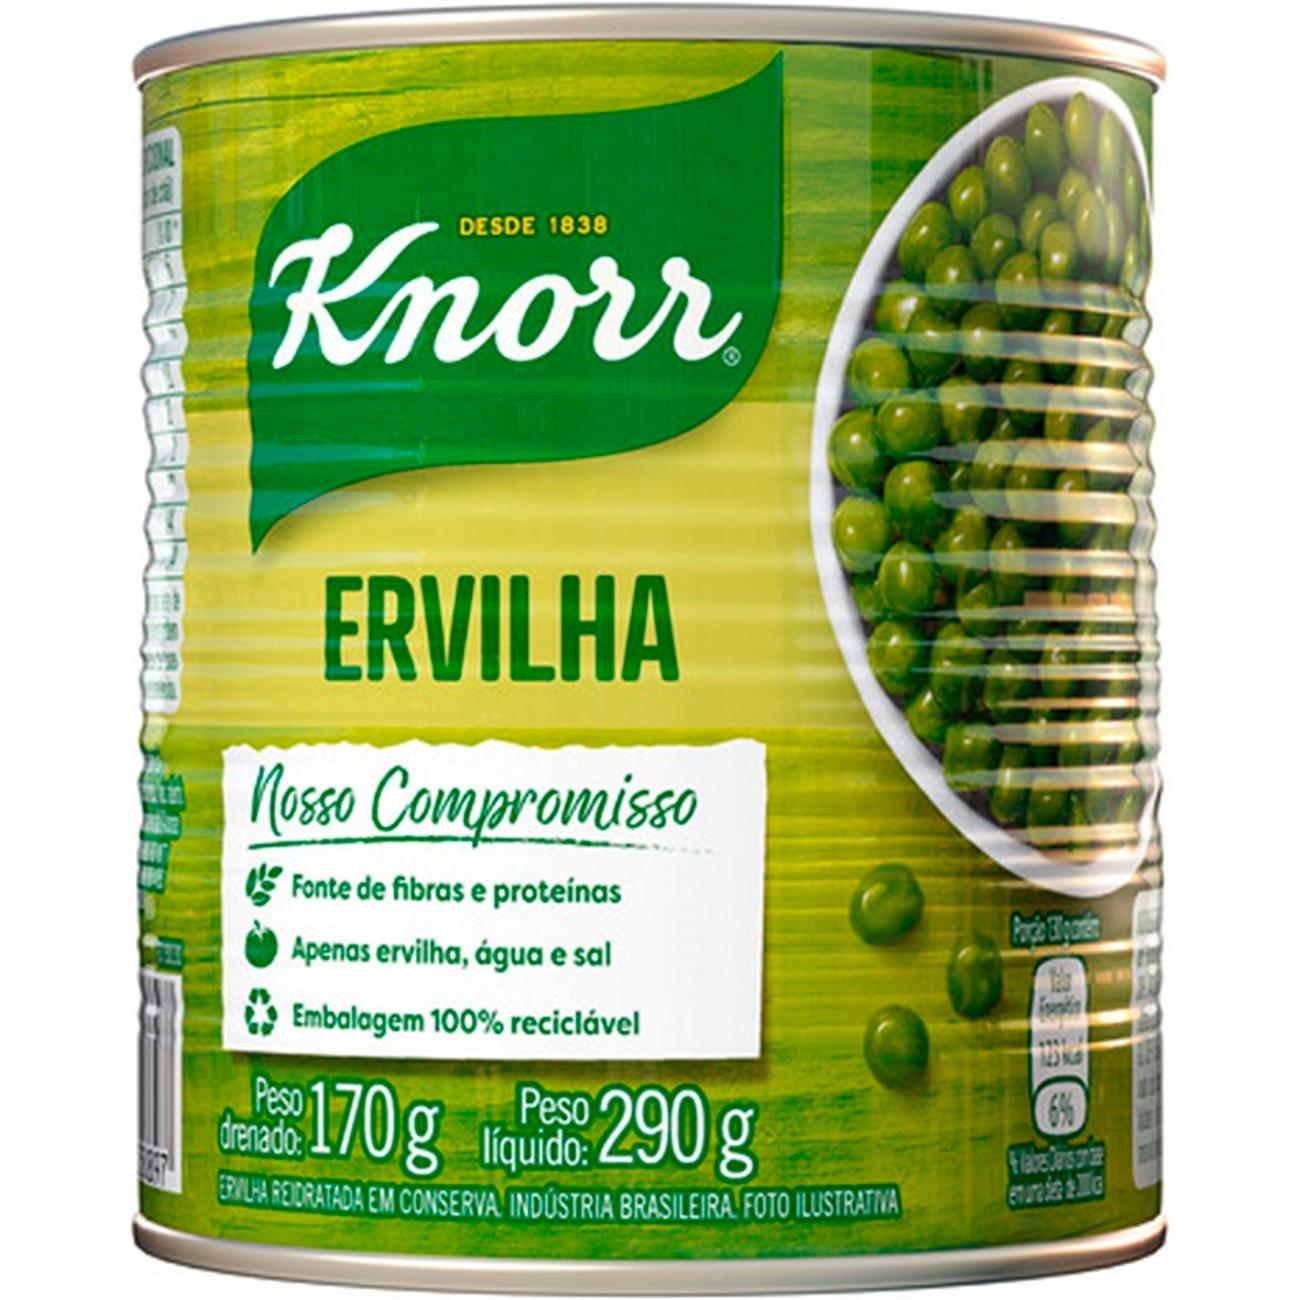 Ervilha Knorr 170G